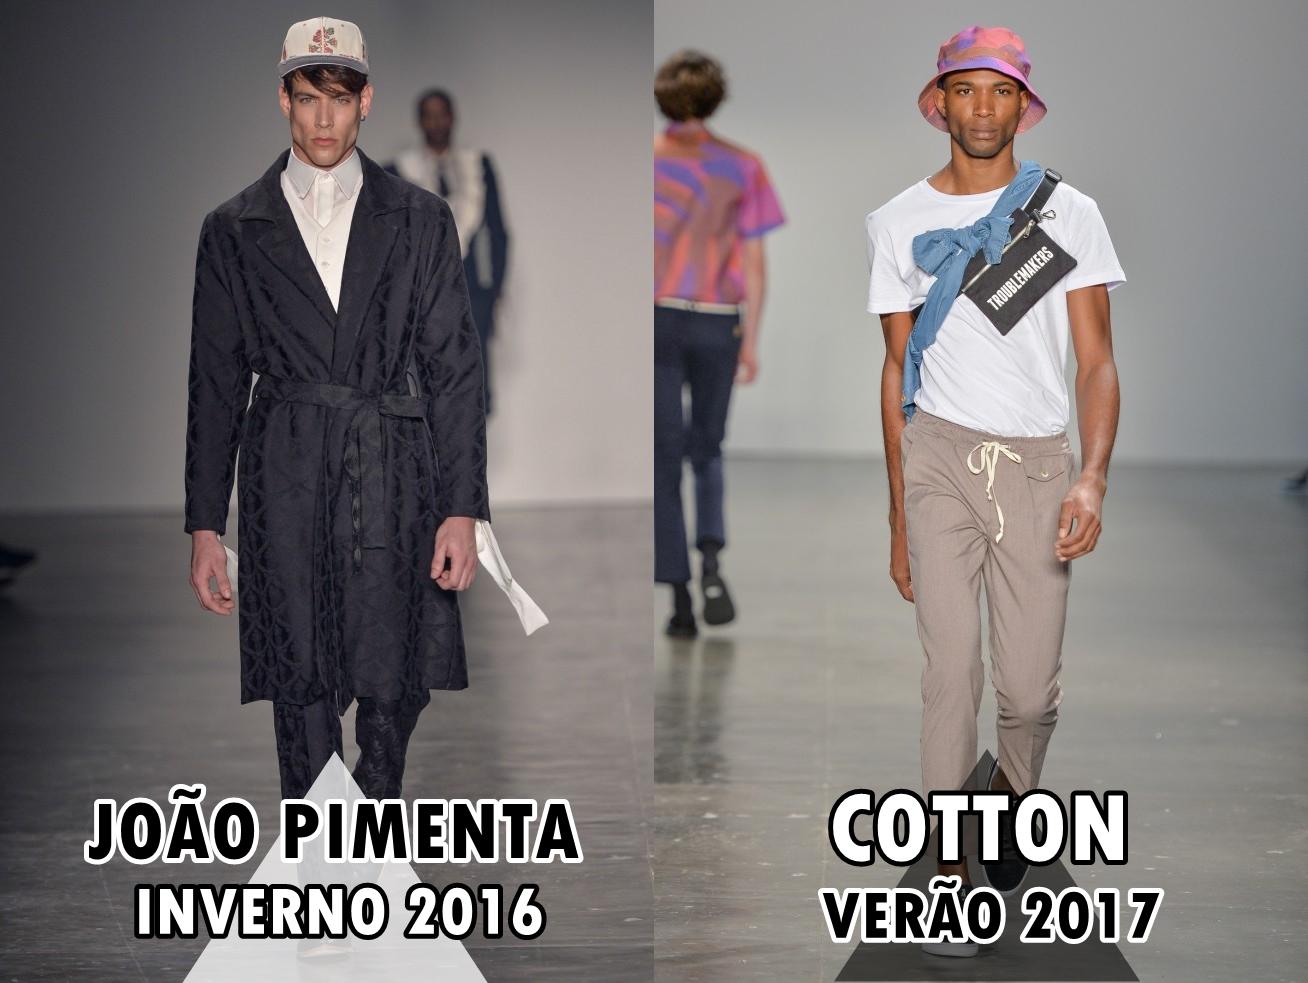 chapéu masculino, boné masculino, como usar chapéu, como usar boné, menswear, joão pimenta, cotton project, spfw, moda sem censura, alex cursino